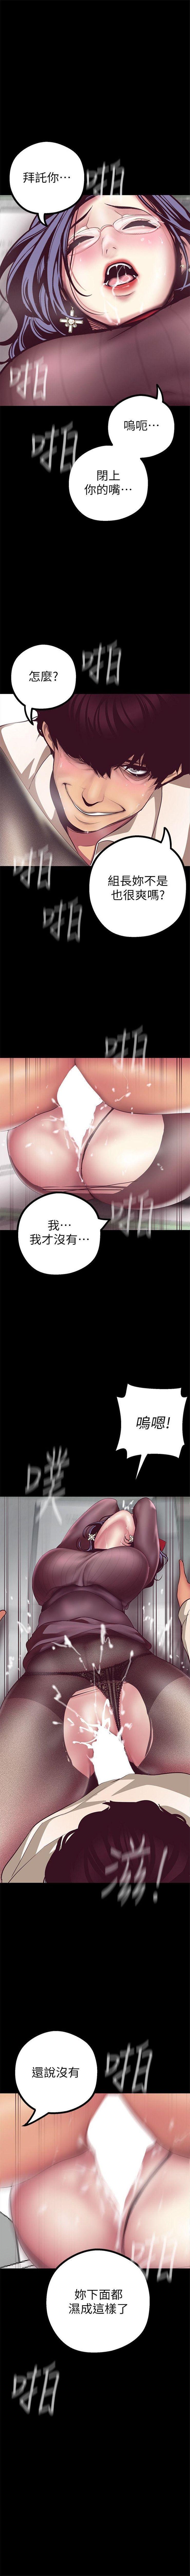 美麗新世界 1-85 官方中文(連載中) 104